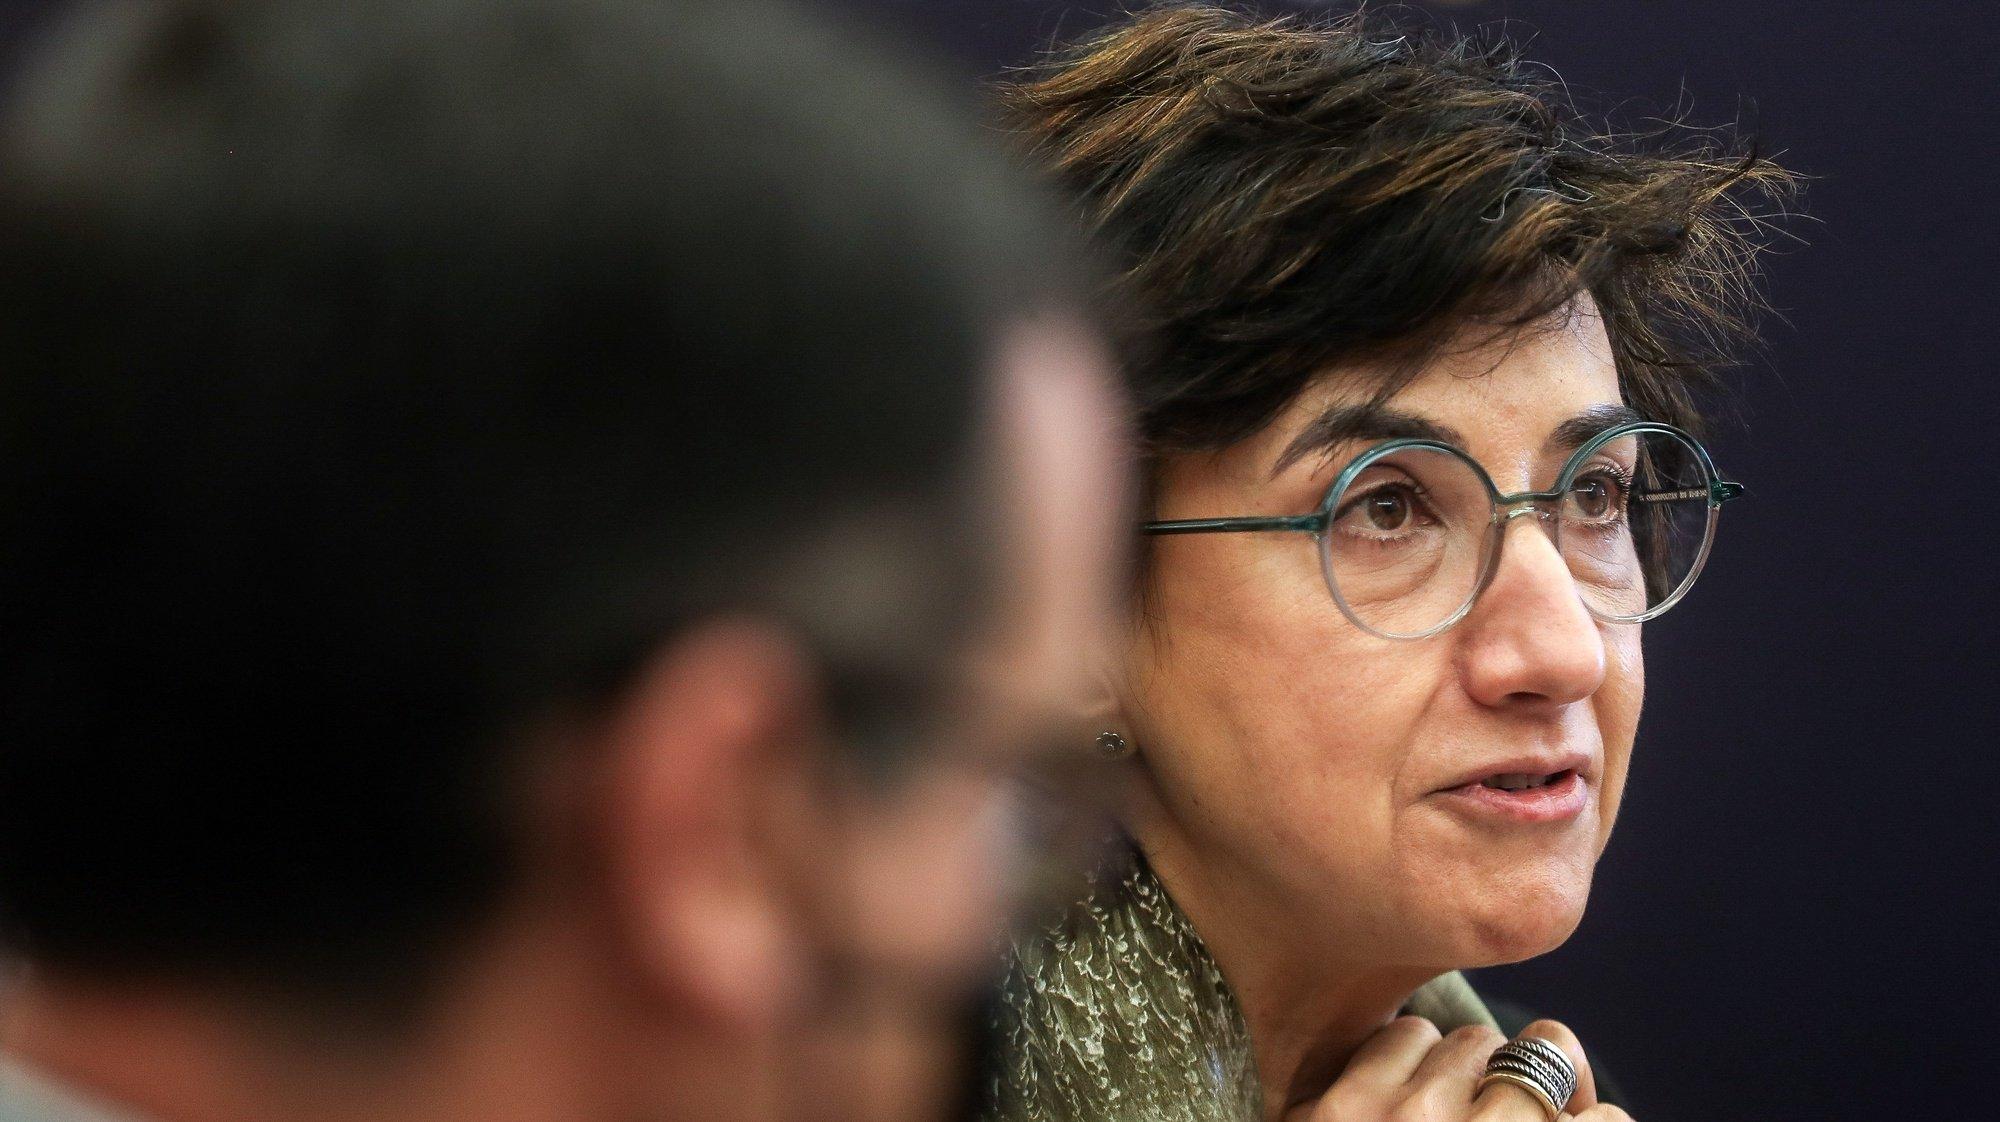 A ministra da Agricultura, Maria do Céu Antunes, à chegada para a sua audição na Comissão de Agricultura e Mar, na Assembleia da República, em Lisboa, 4 de maio de 2021. MÁRIO CRUZ/LUSA